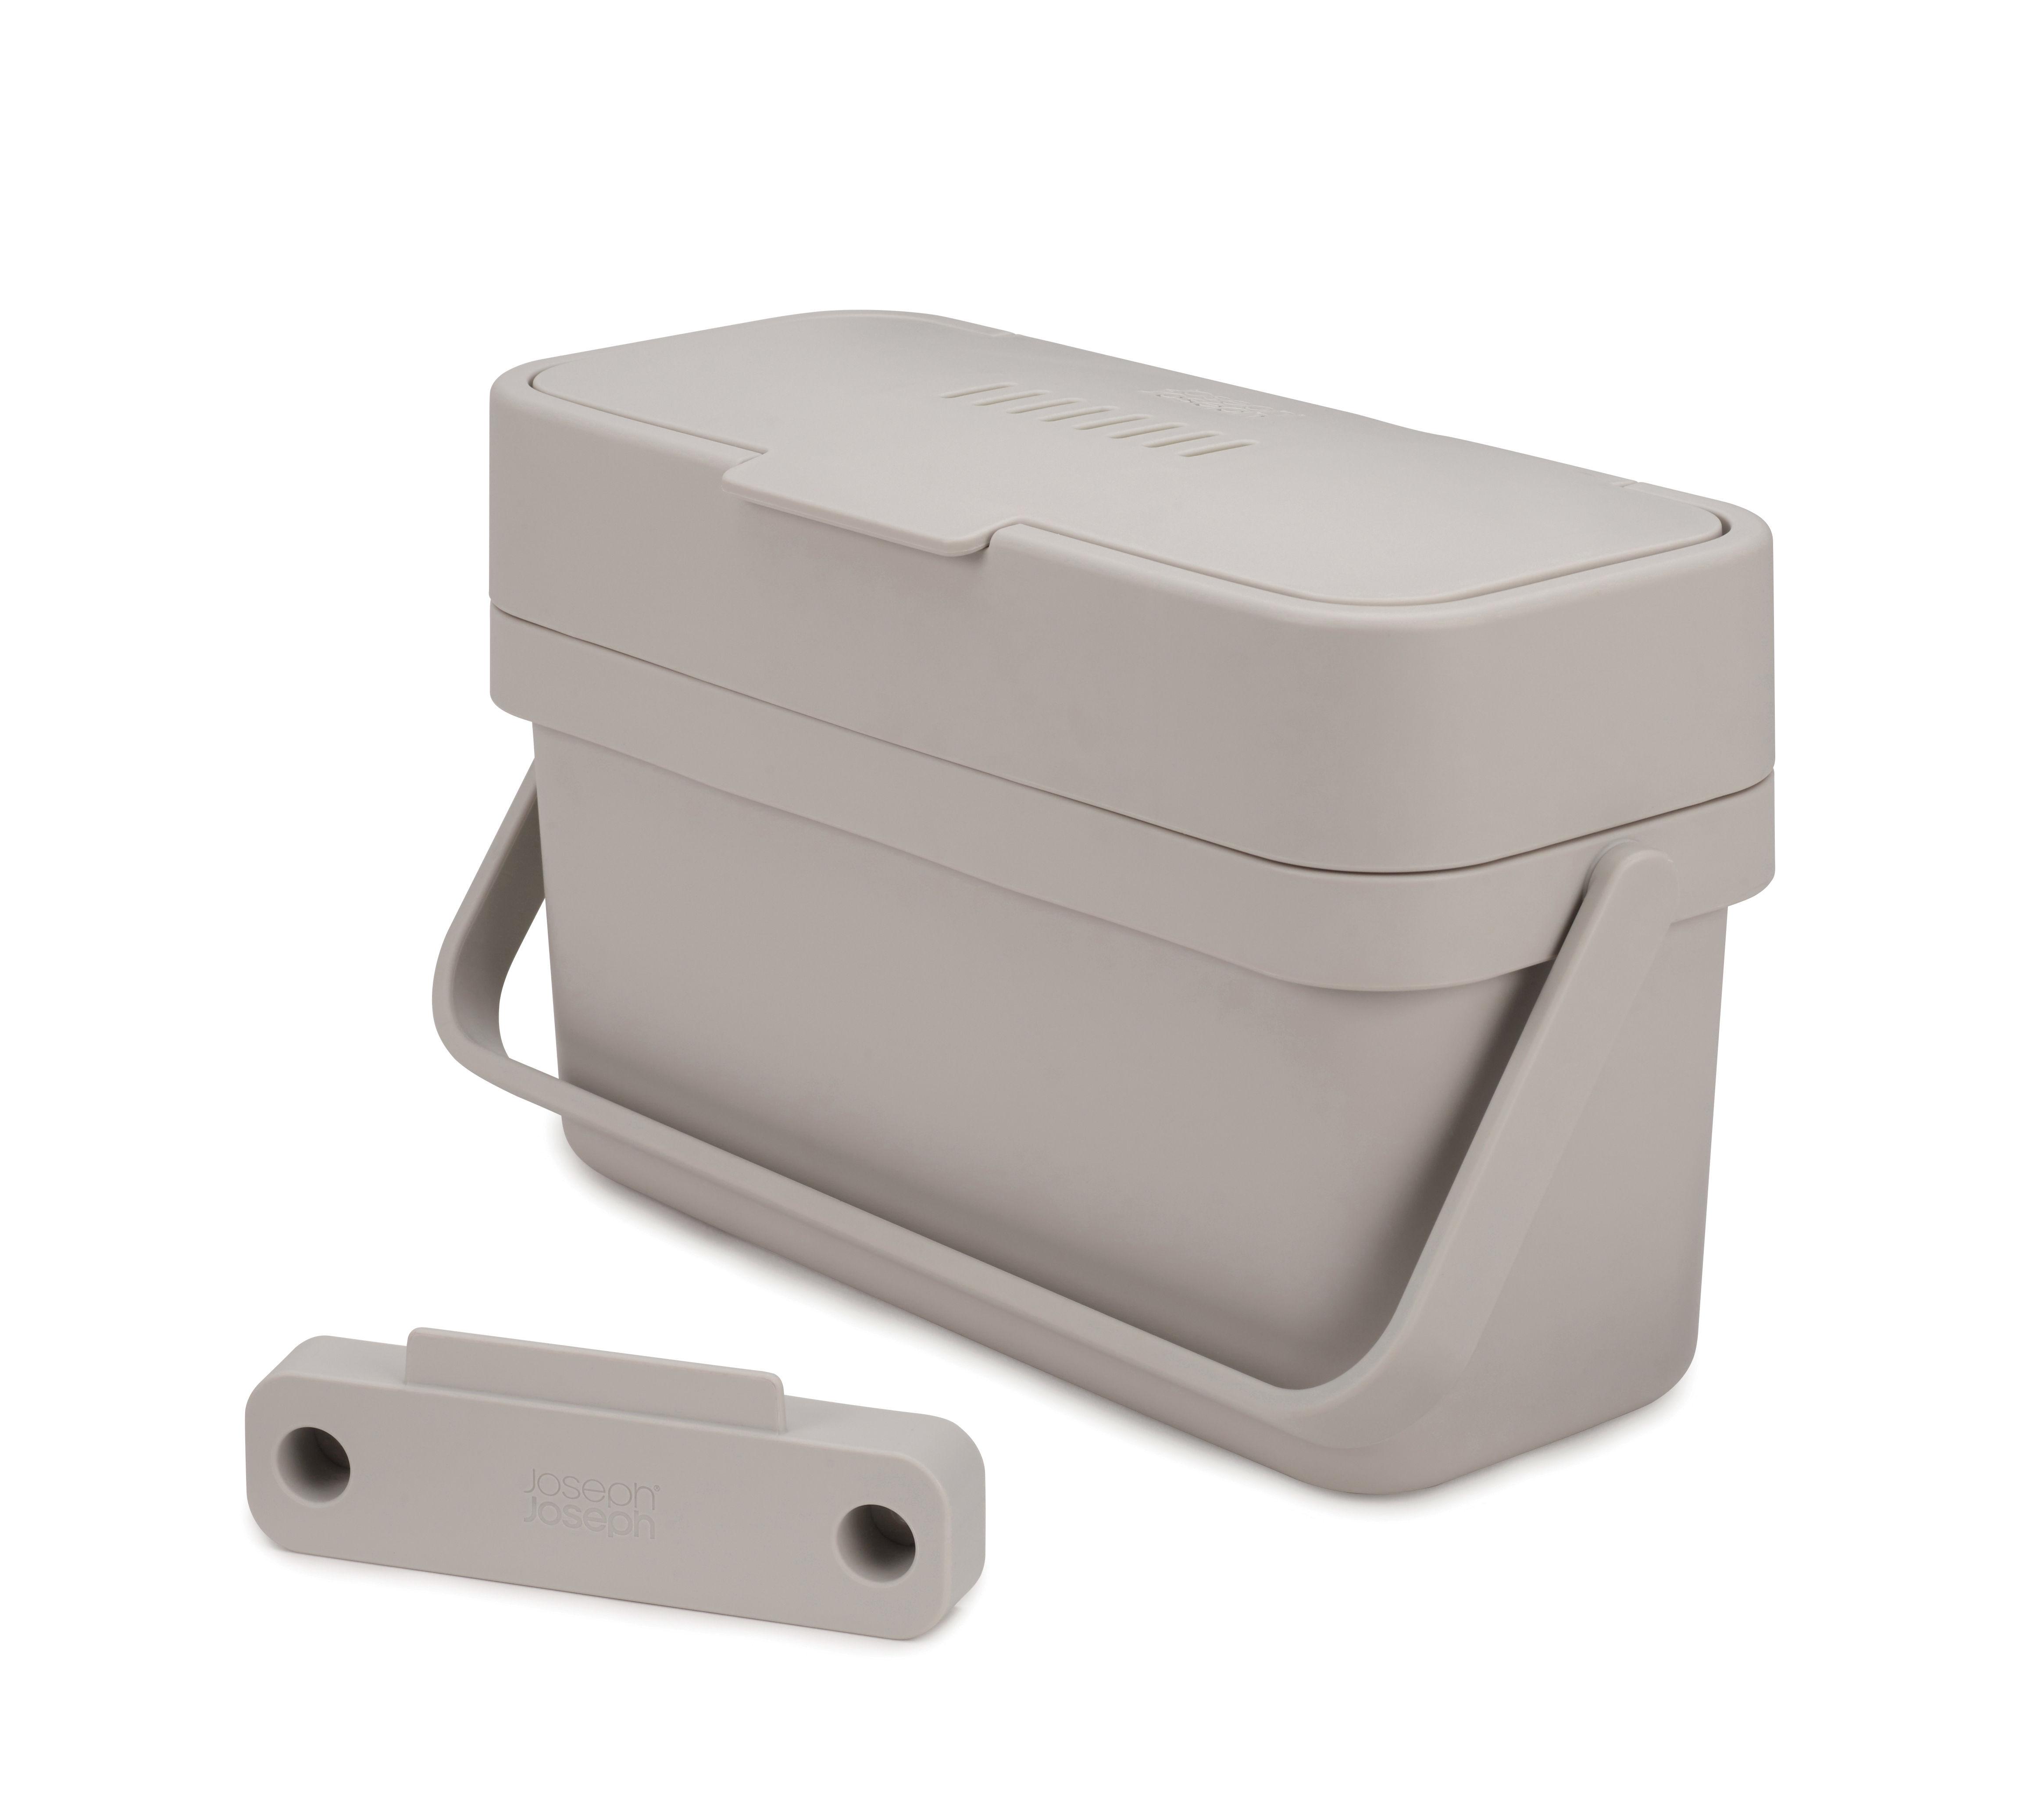 Kitchenware - Bins - Compo Bin for organic waste - / 4 L by Joseph Joseph - White - Plastic material